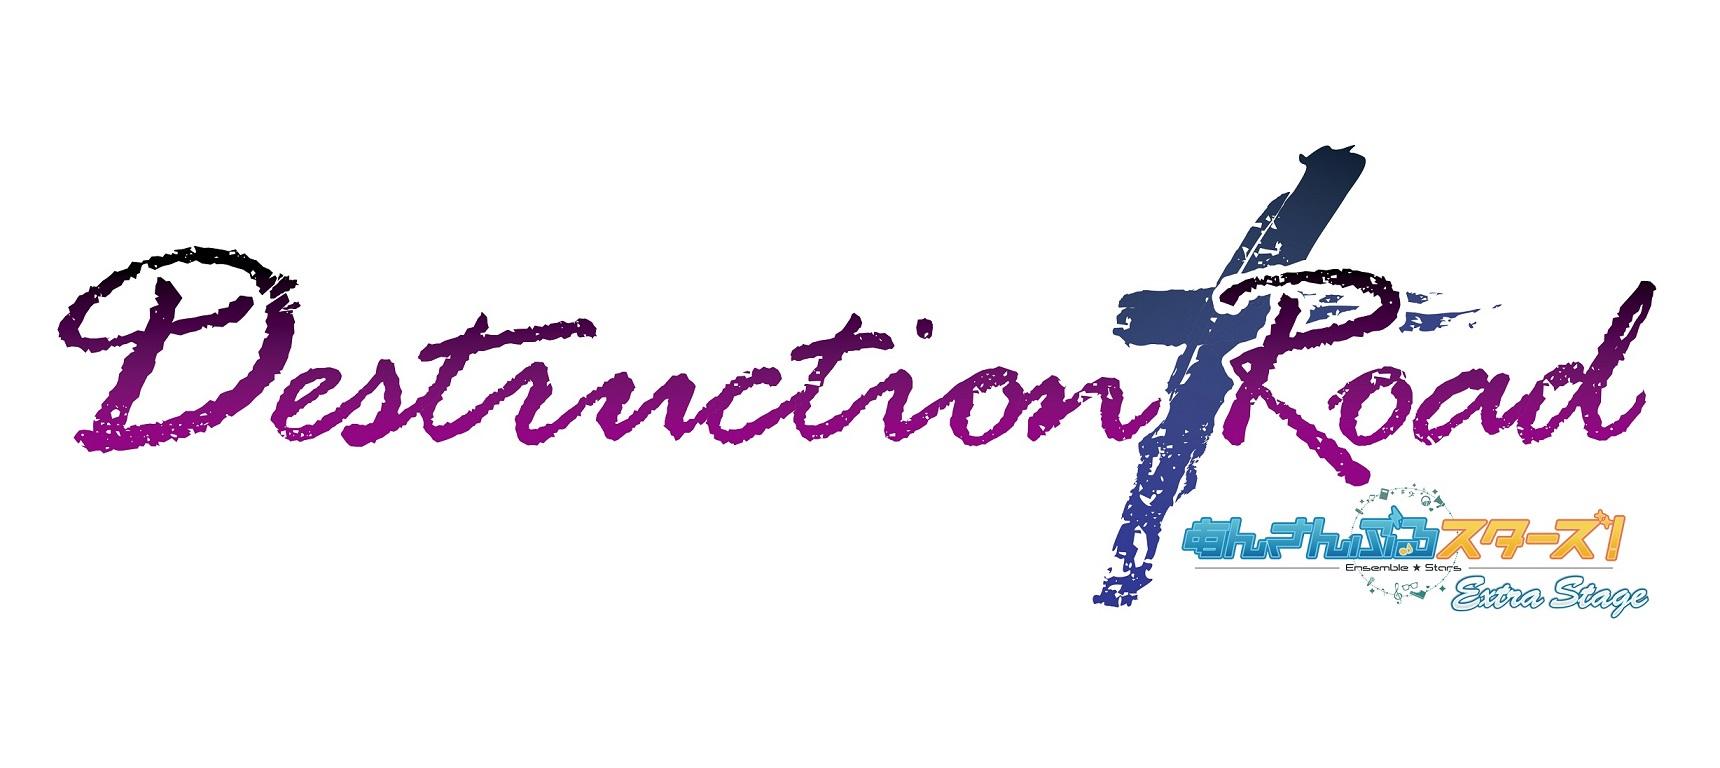 『あんさんぶるスターズ!エクストラ・ステージ』~Destruction×Road~ Blu-ray&DVD発売記念イベント